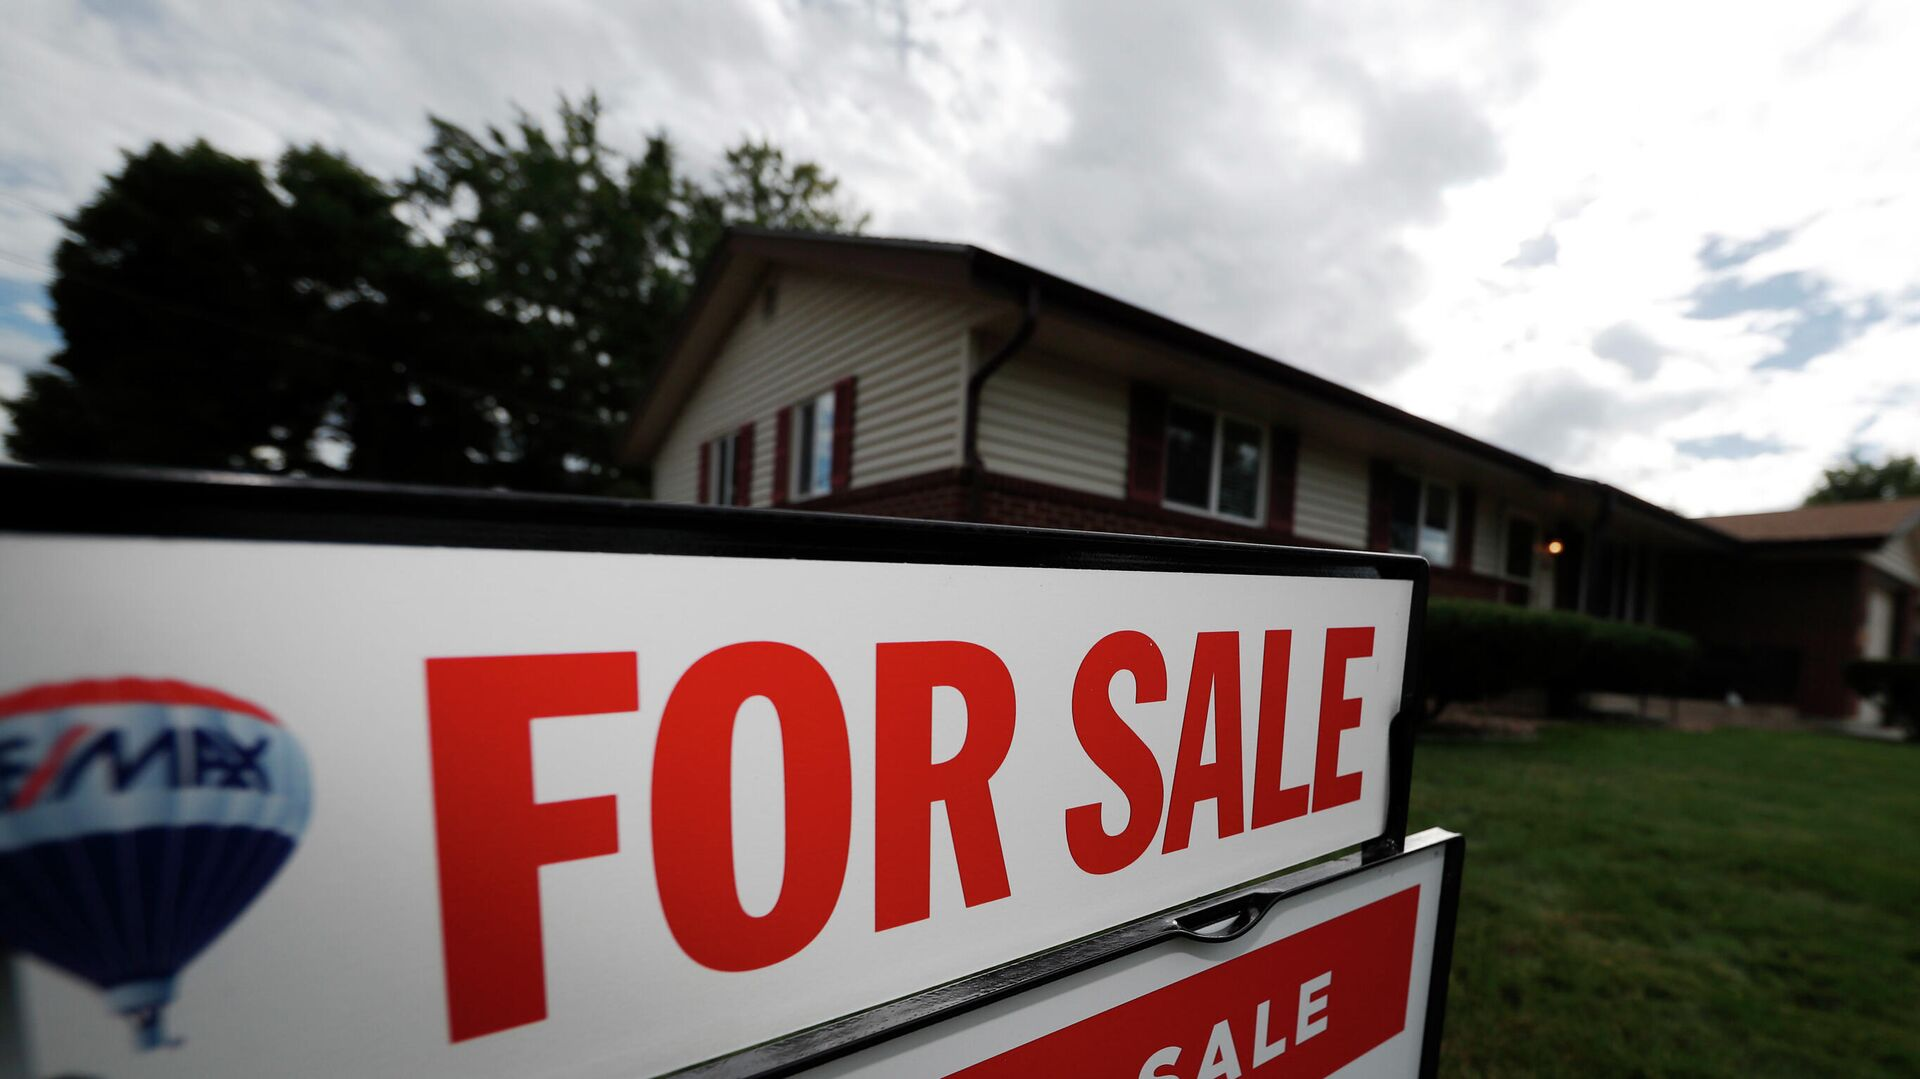 Табличка с объявлением о продаже дома в пригороде Денвера, штат Колорадо, США - РИА Новости, 1920, 16.09.2020